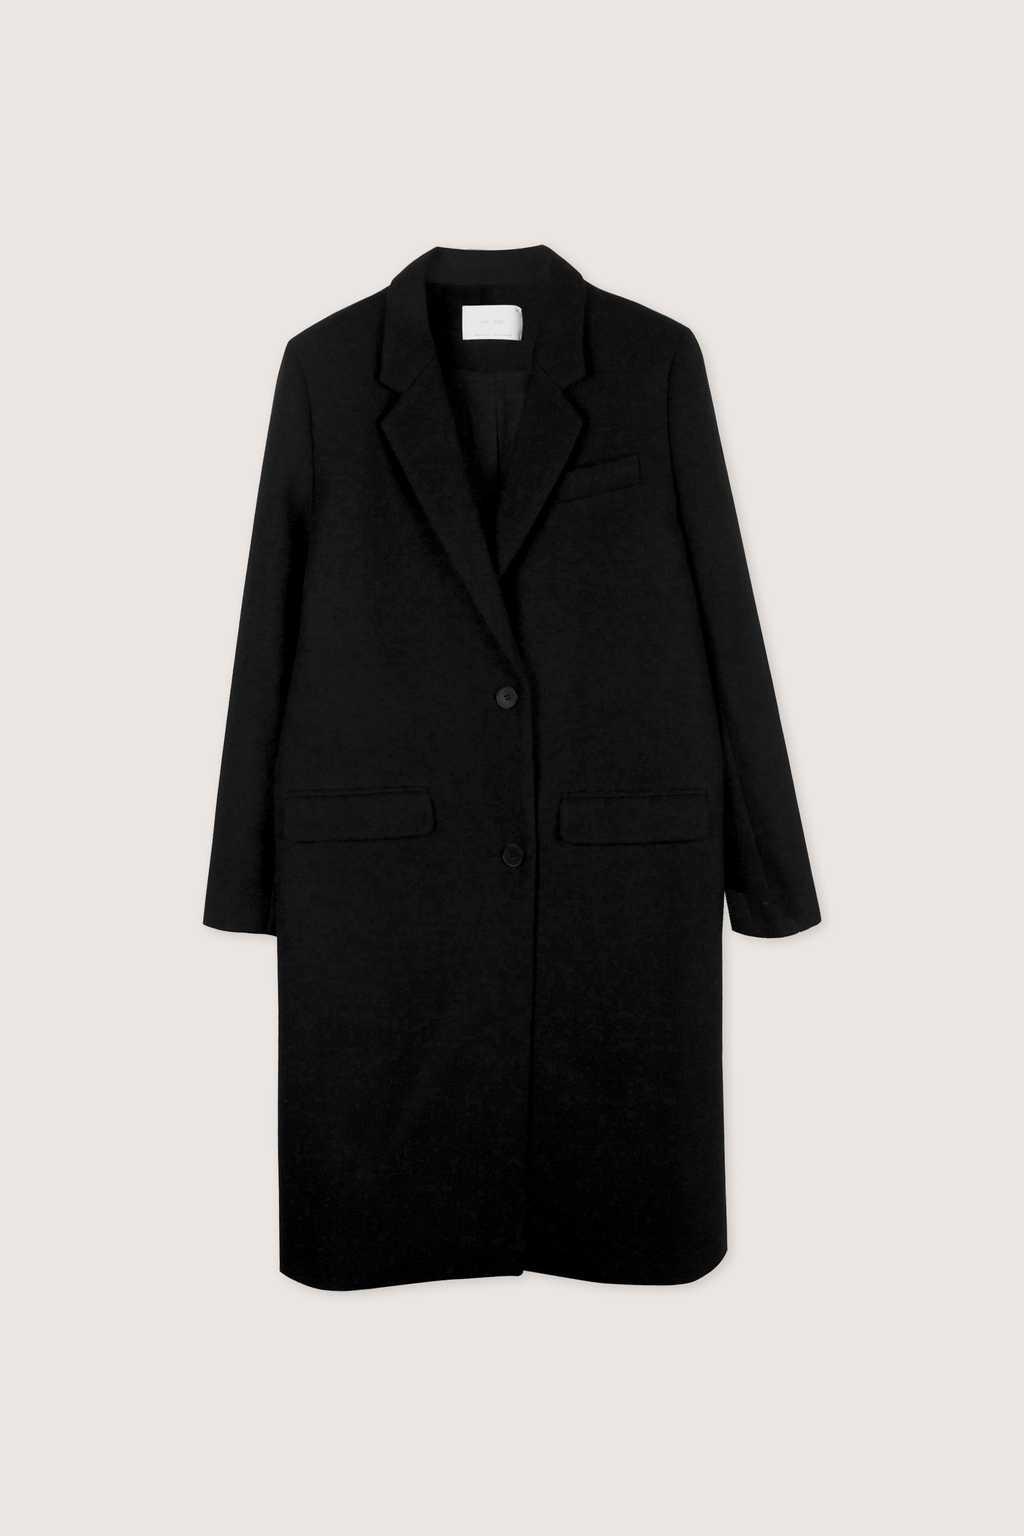 Coat 1888 Black 11